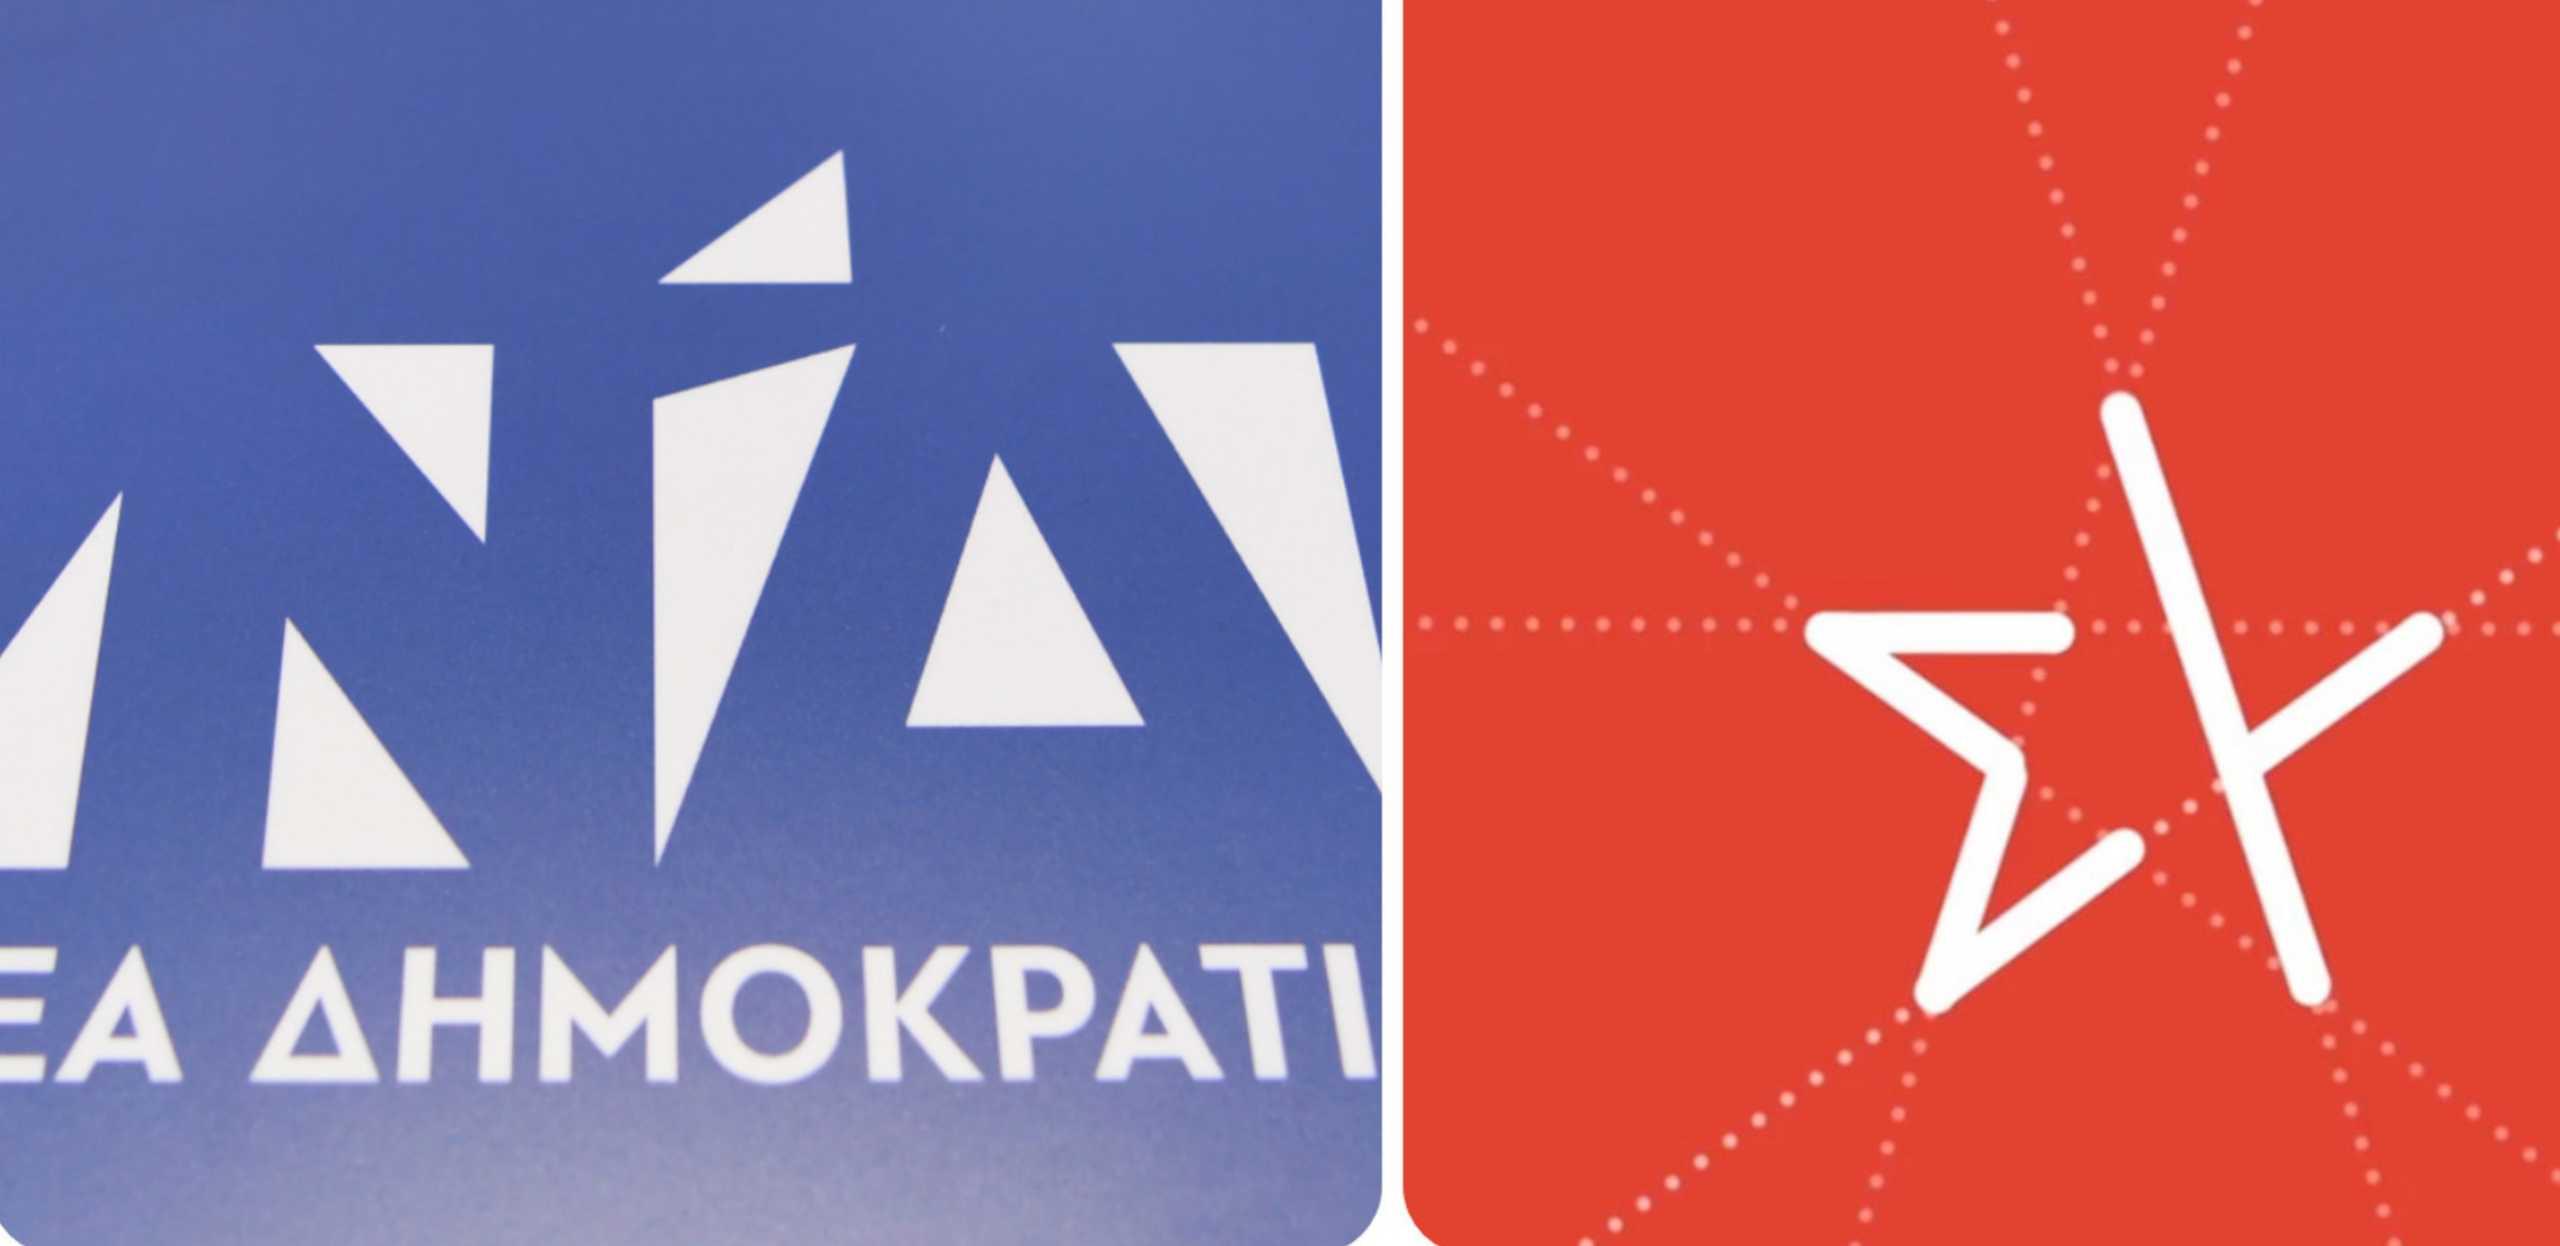 ΝΔ: Οργή για ανάρτηση της προέδρου της τοπικής του ΣΥΡΙΖΑ Ασπροπύργου